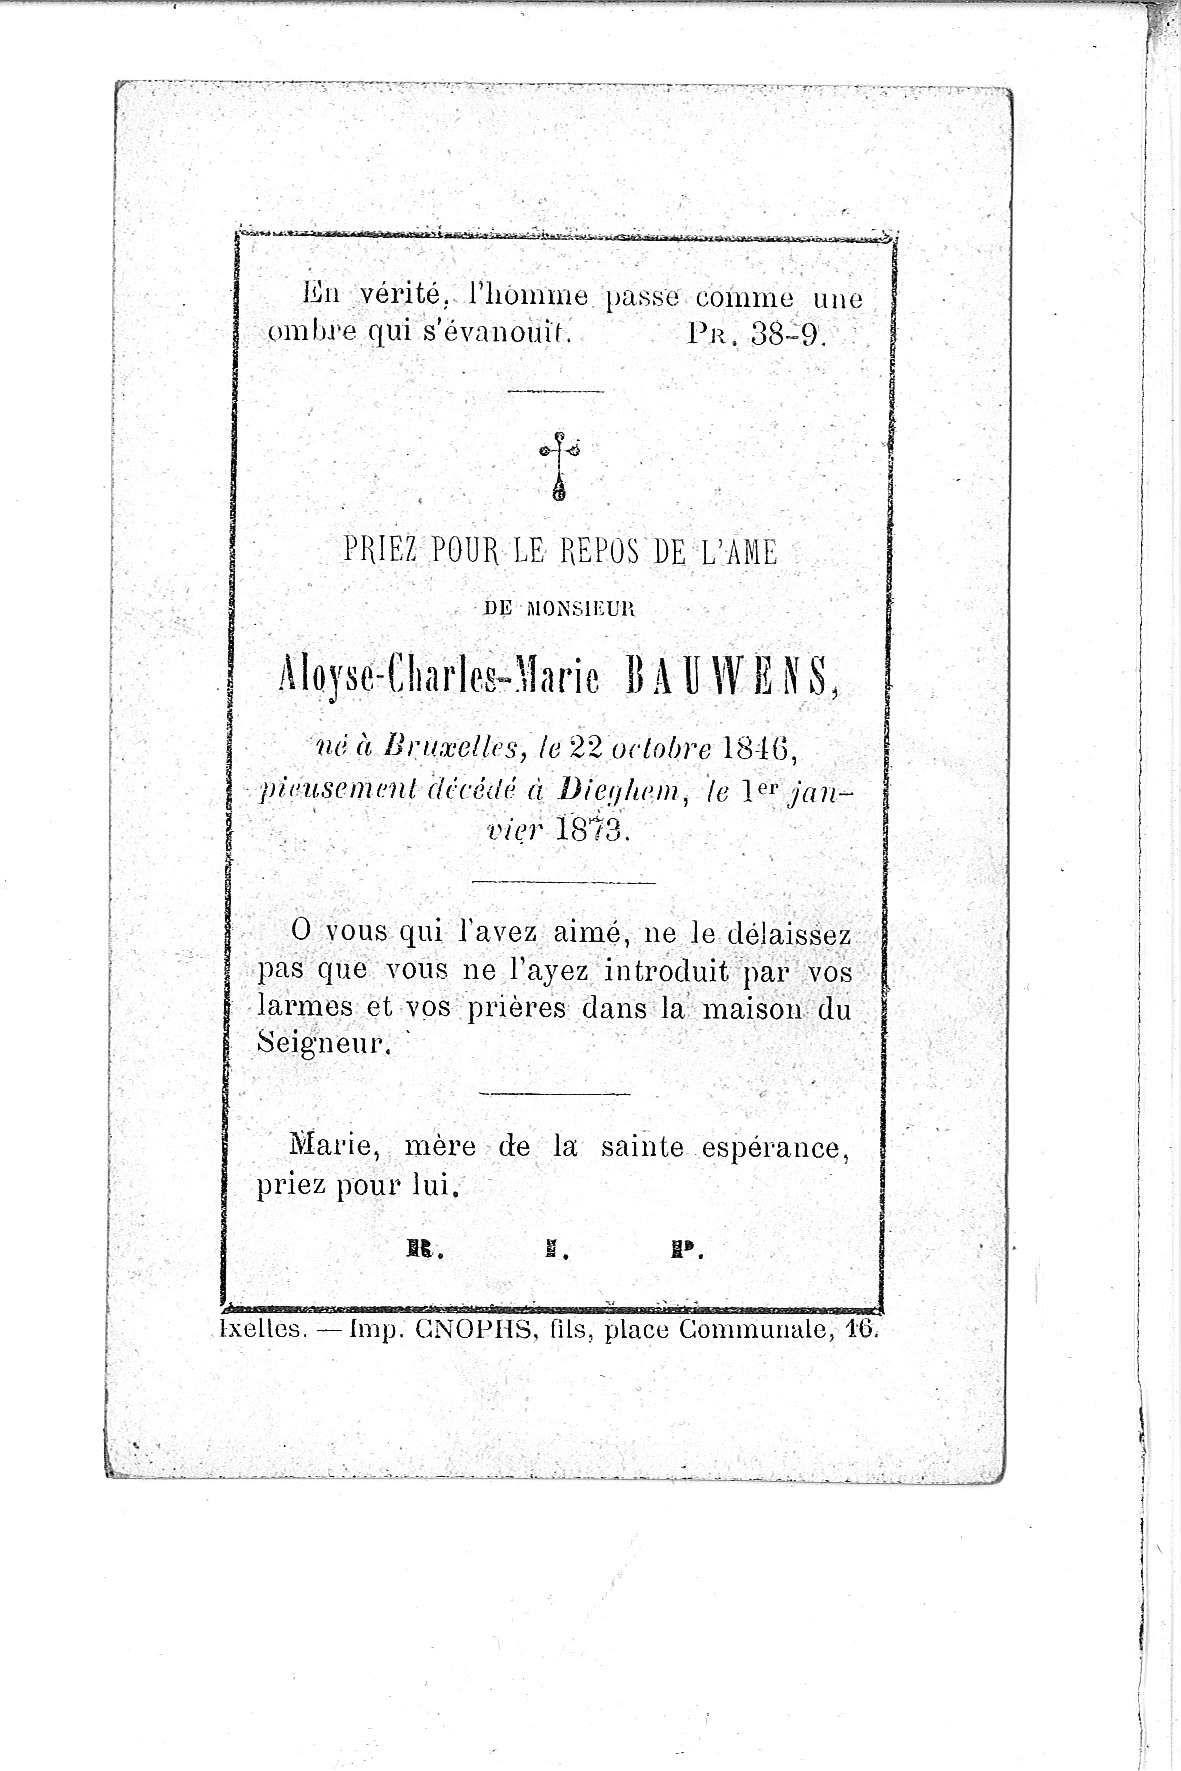 Aloyse-Charles-Marie(1873)20101026093432_00003.jpg